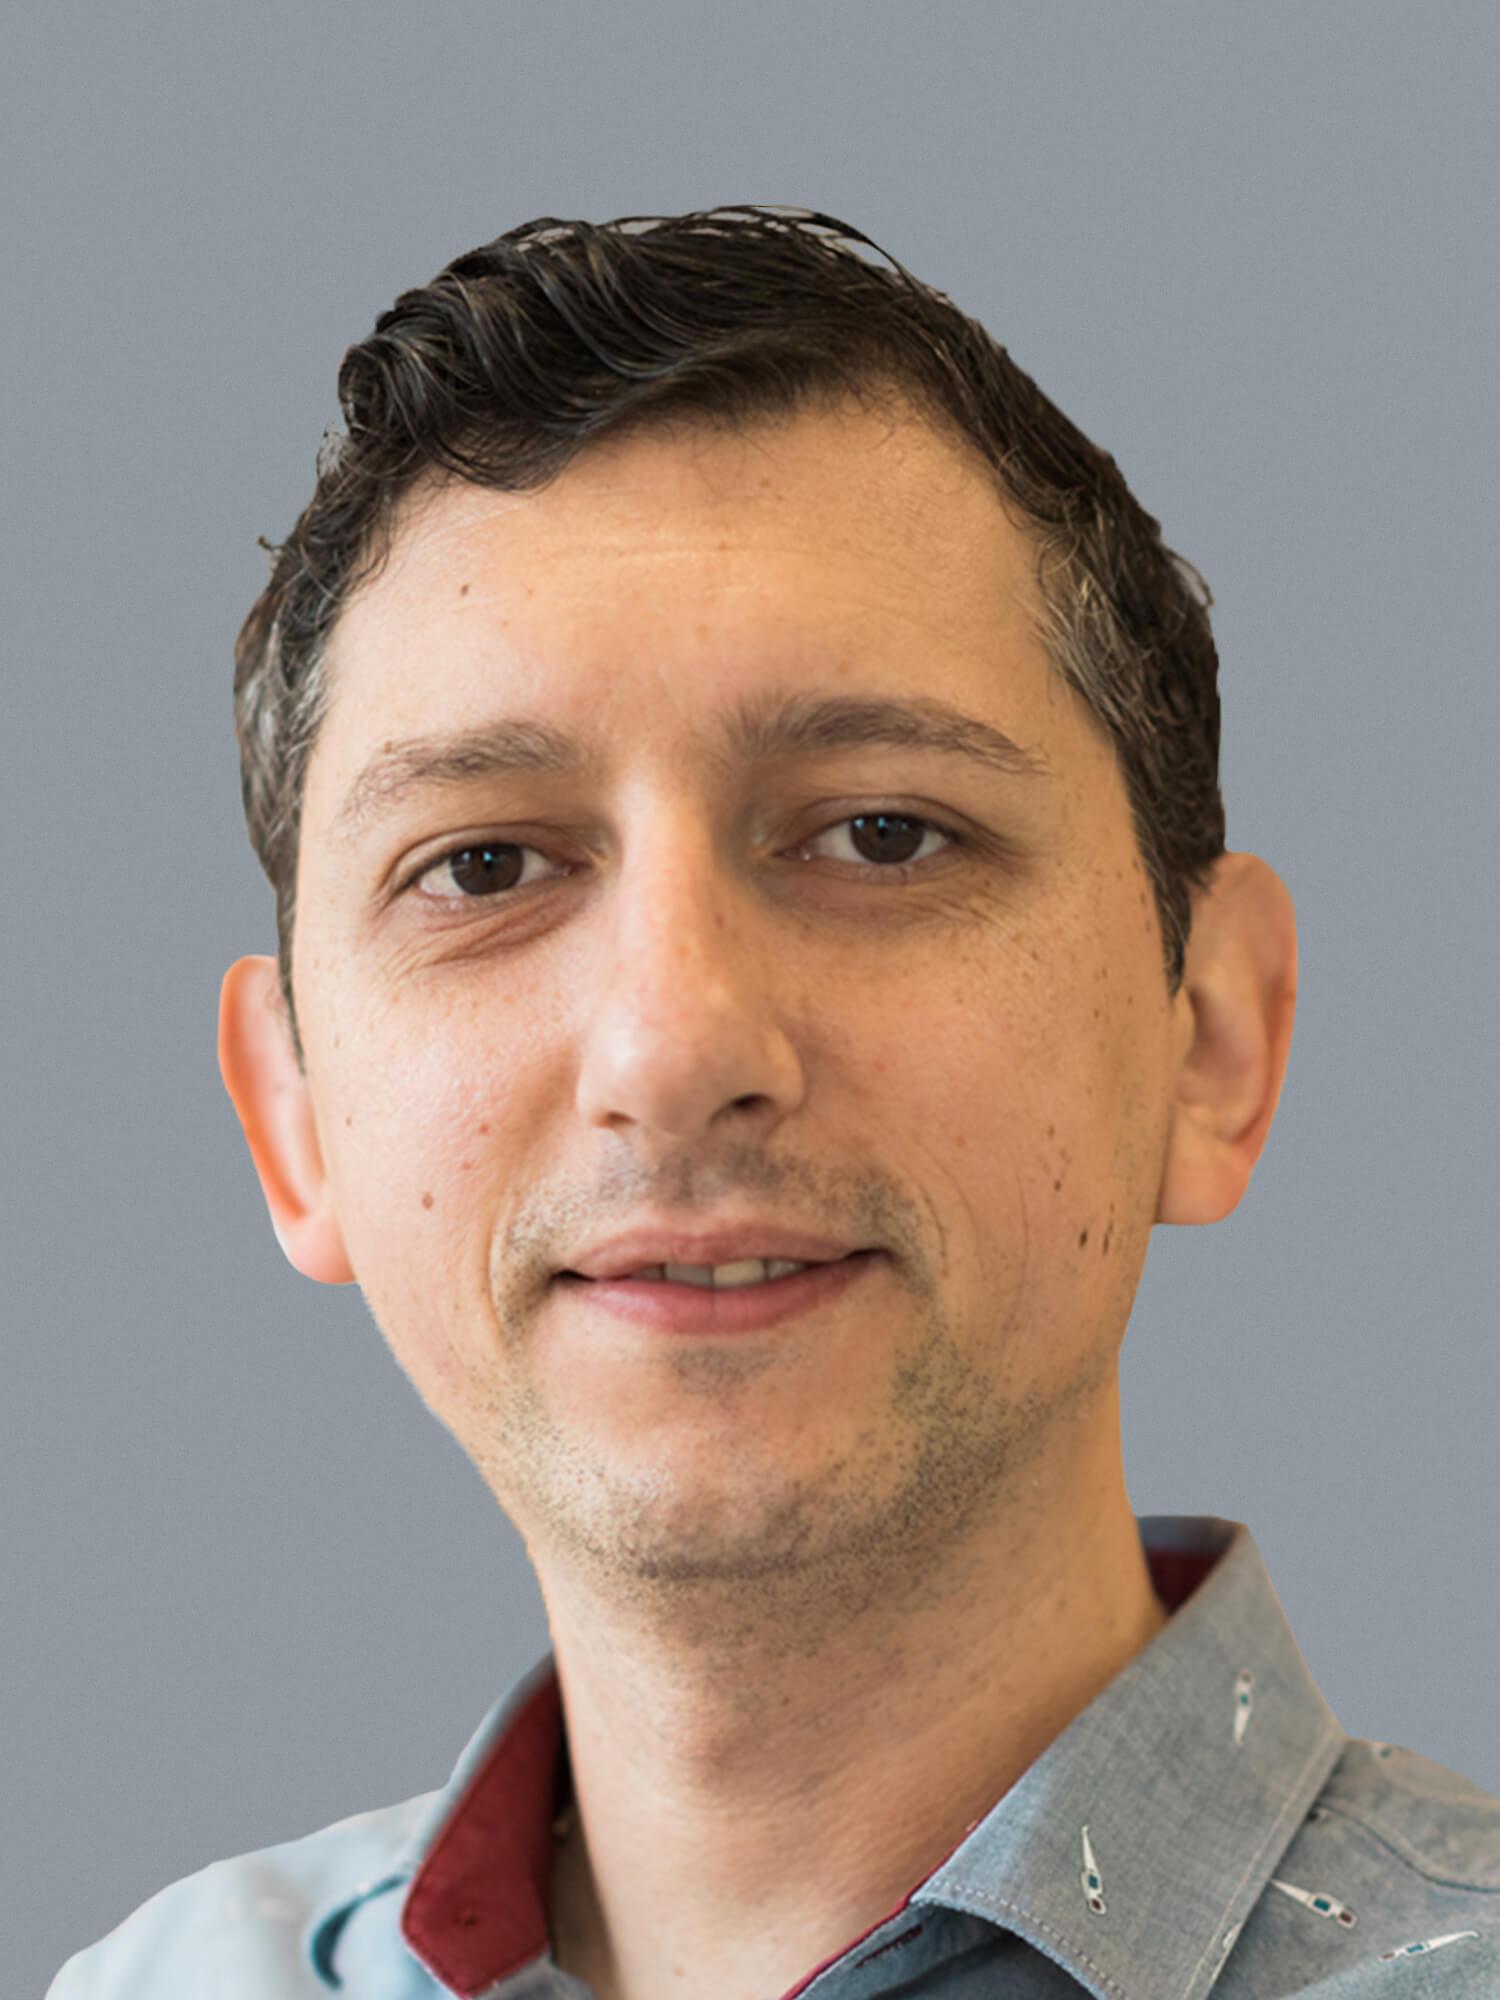 Ulaş Bardak - VP, Engineering